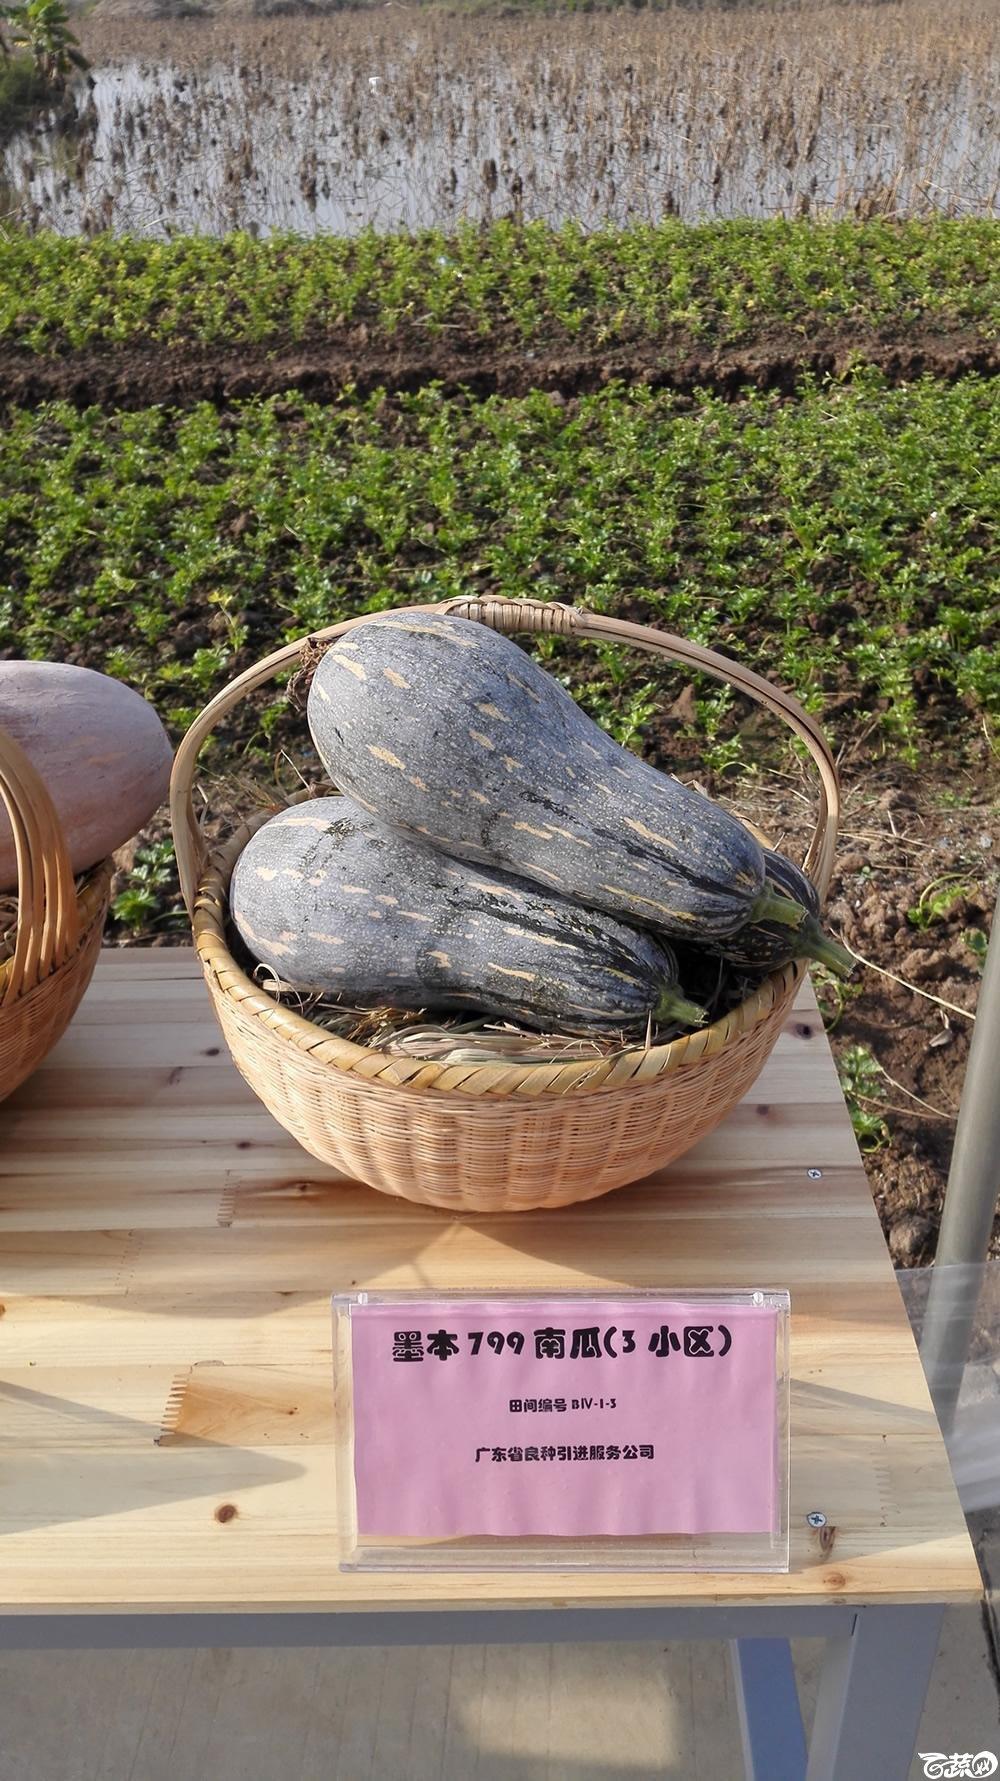 2014年12月10号广州市农科院南沙秋季蔬菜新品种展示会_瓜类_007.jpg